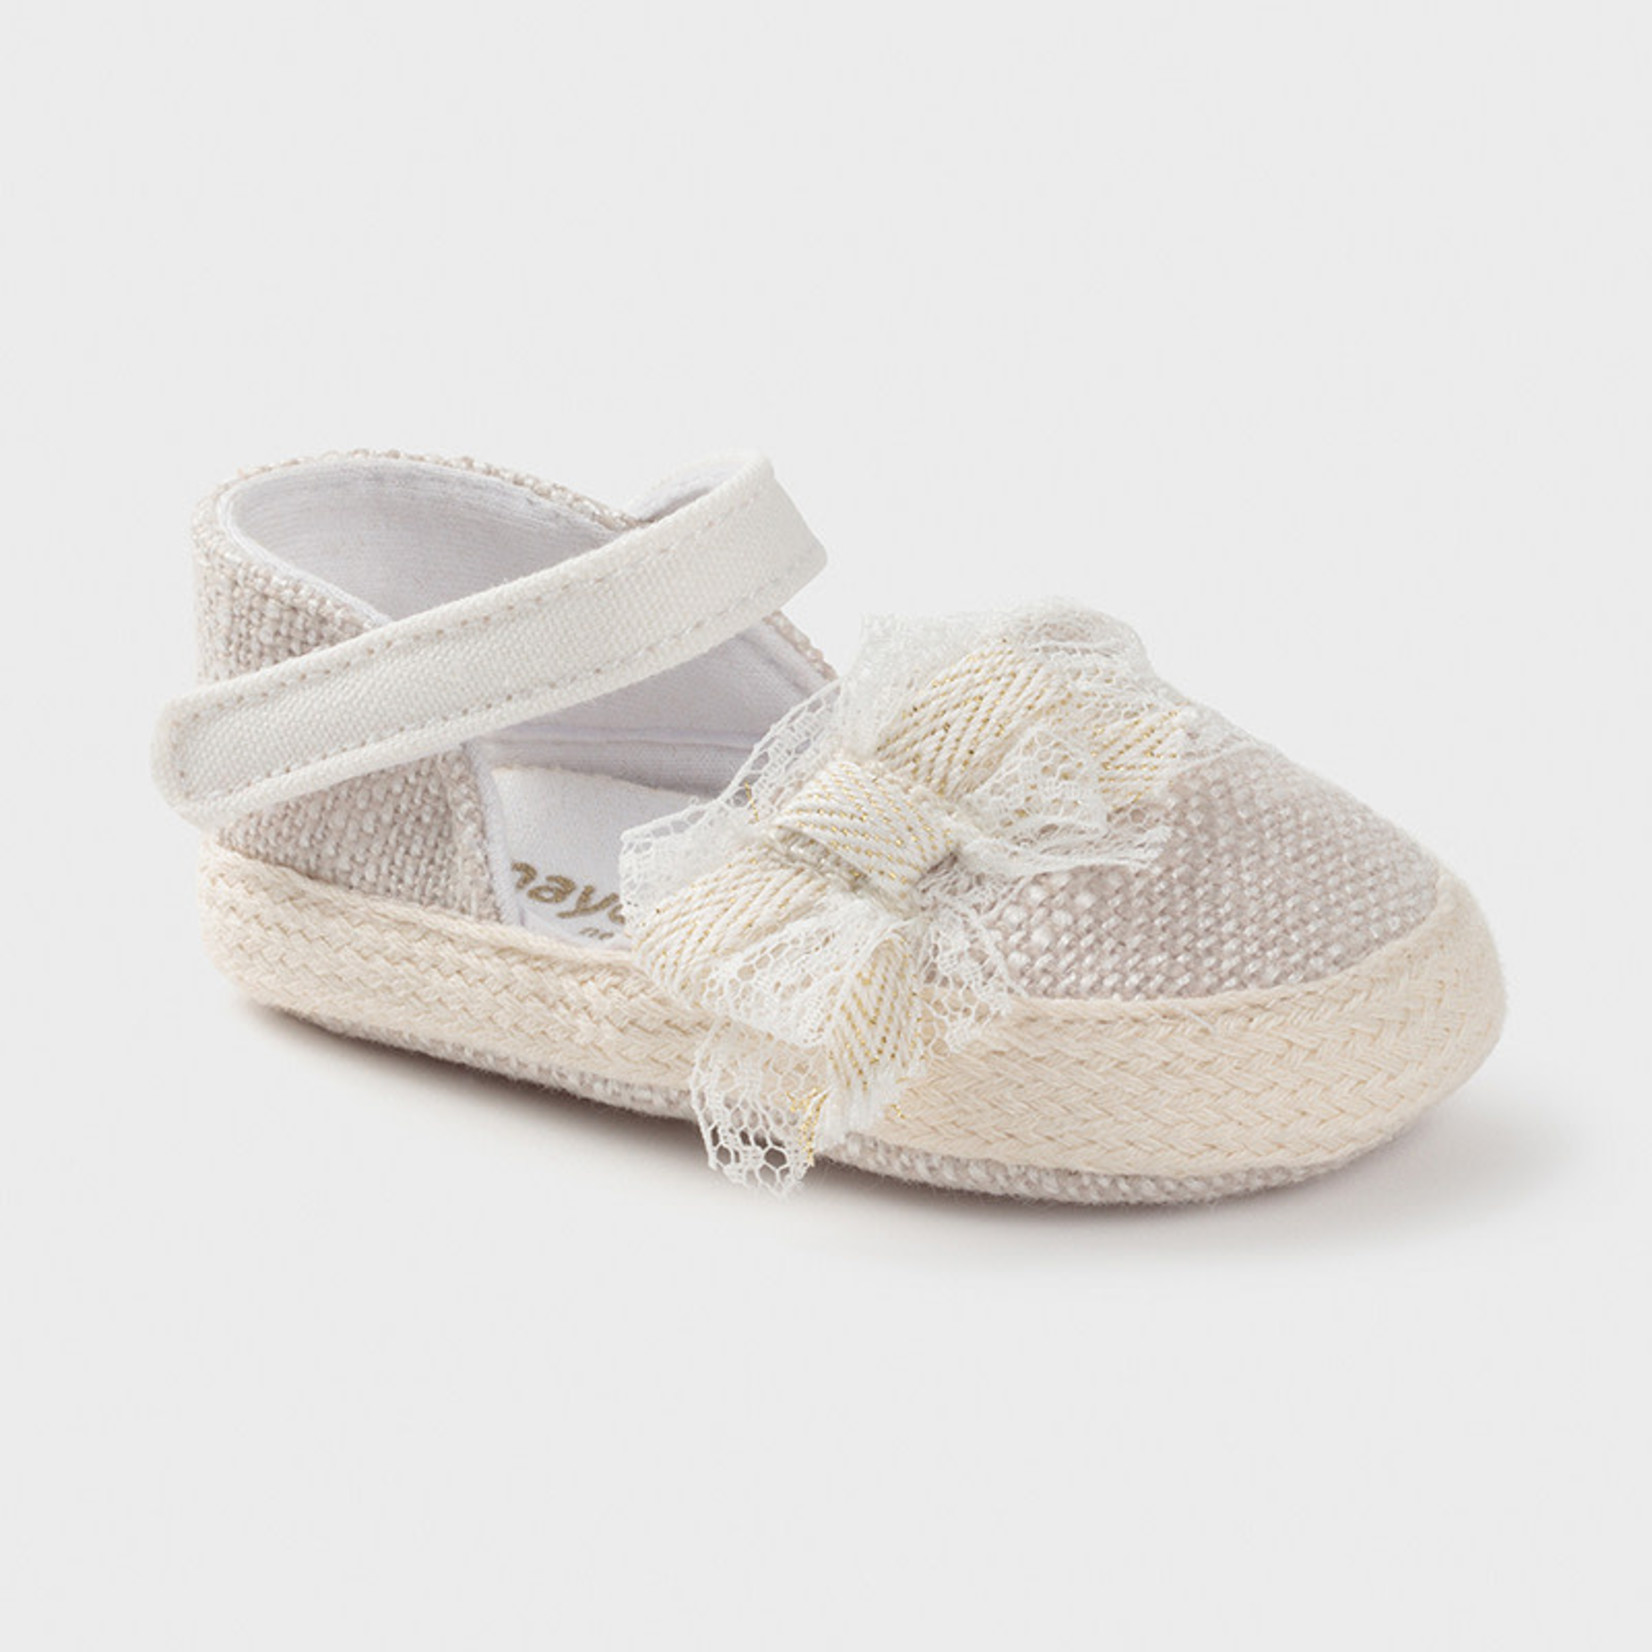 Mayoral Baby Shoe Lola - Mayoral